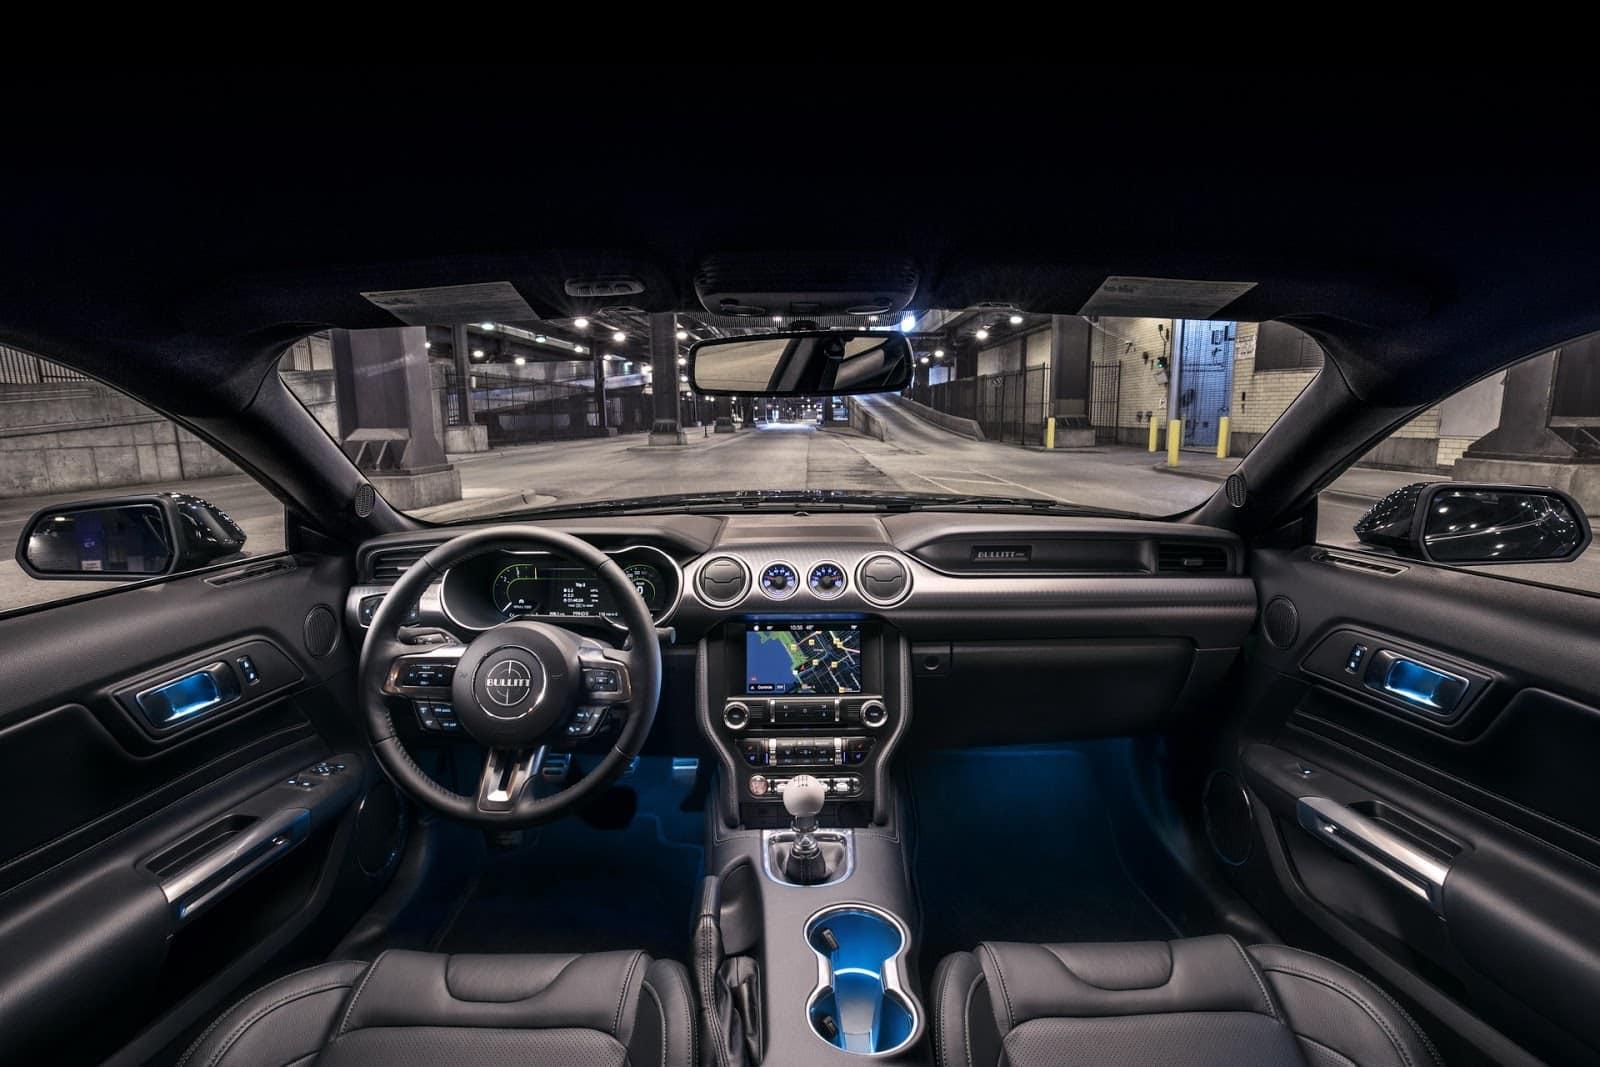 2019 Ford Mustang Bullit 9